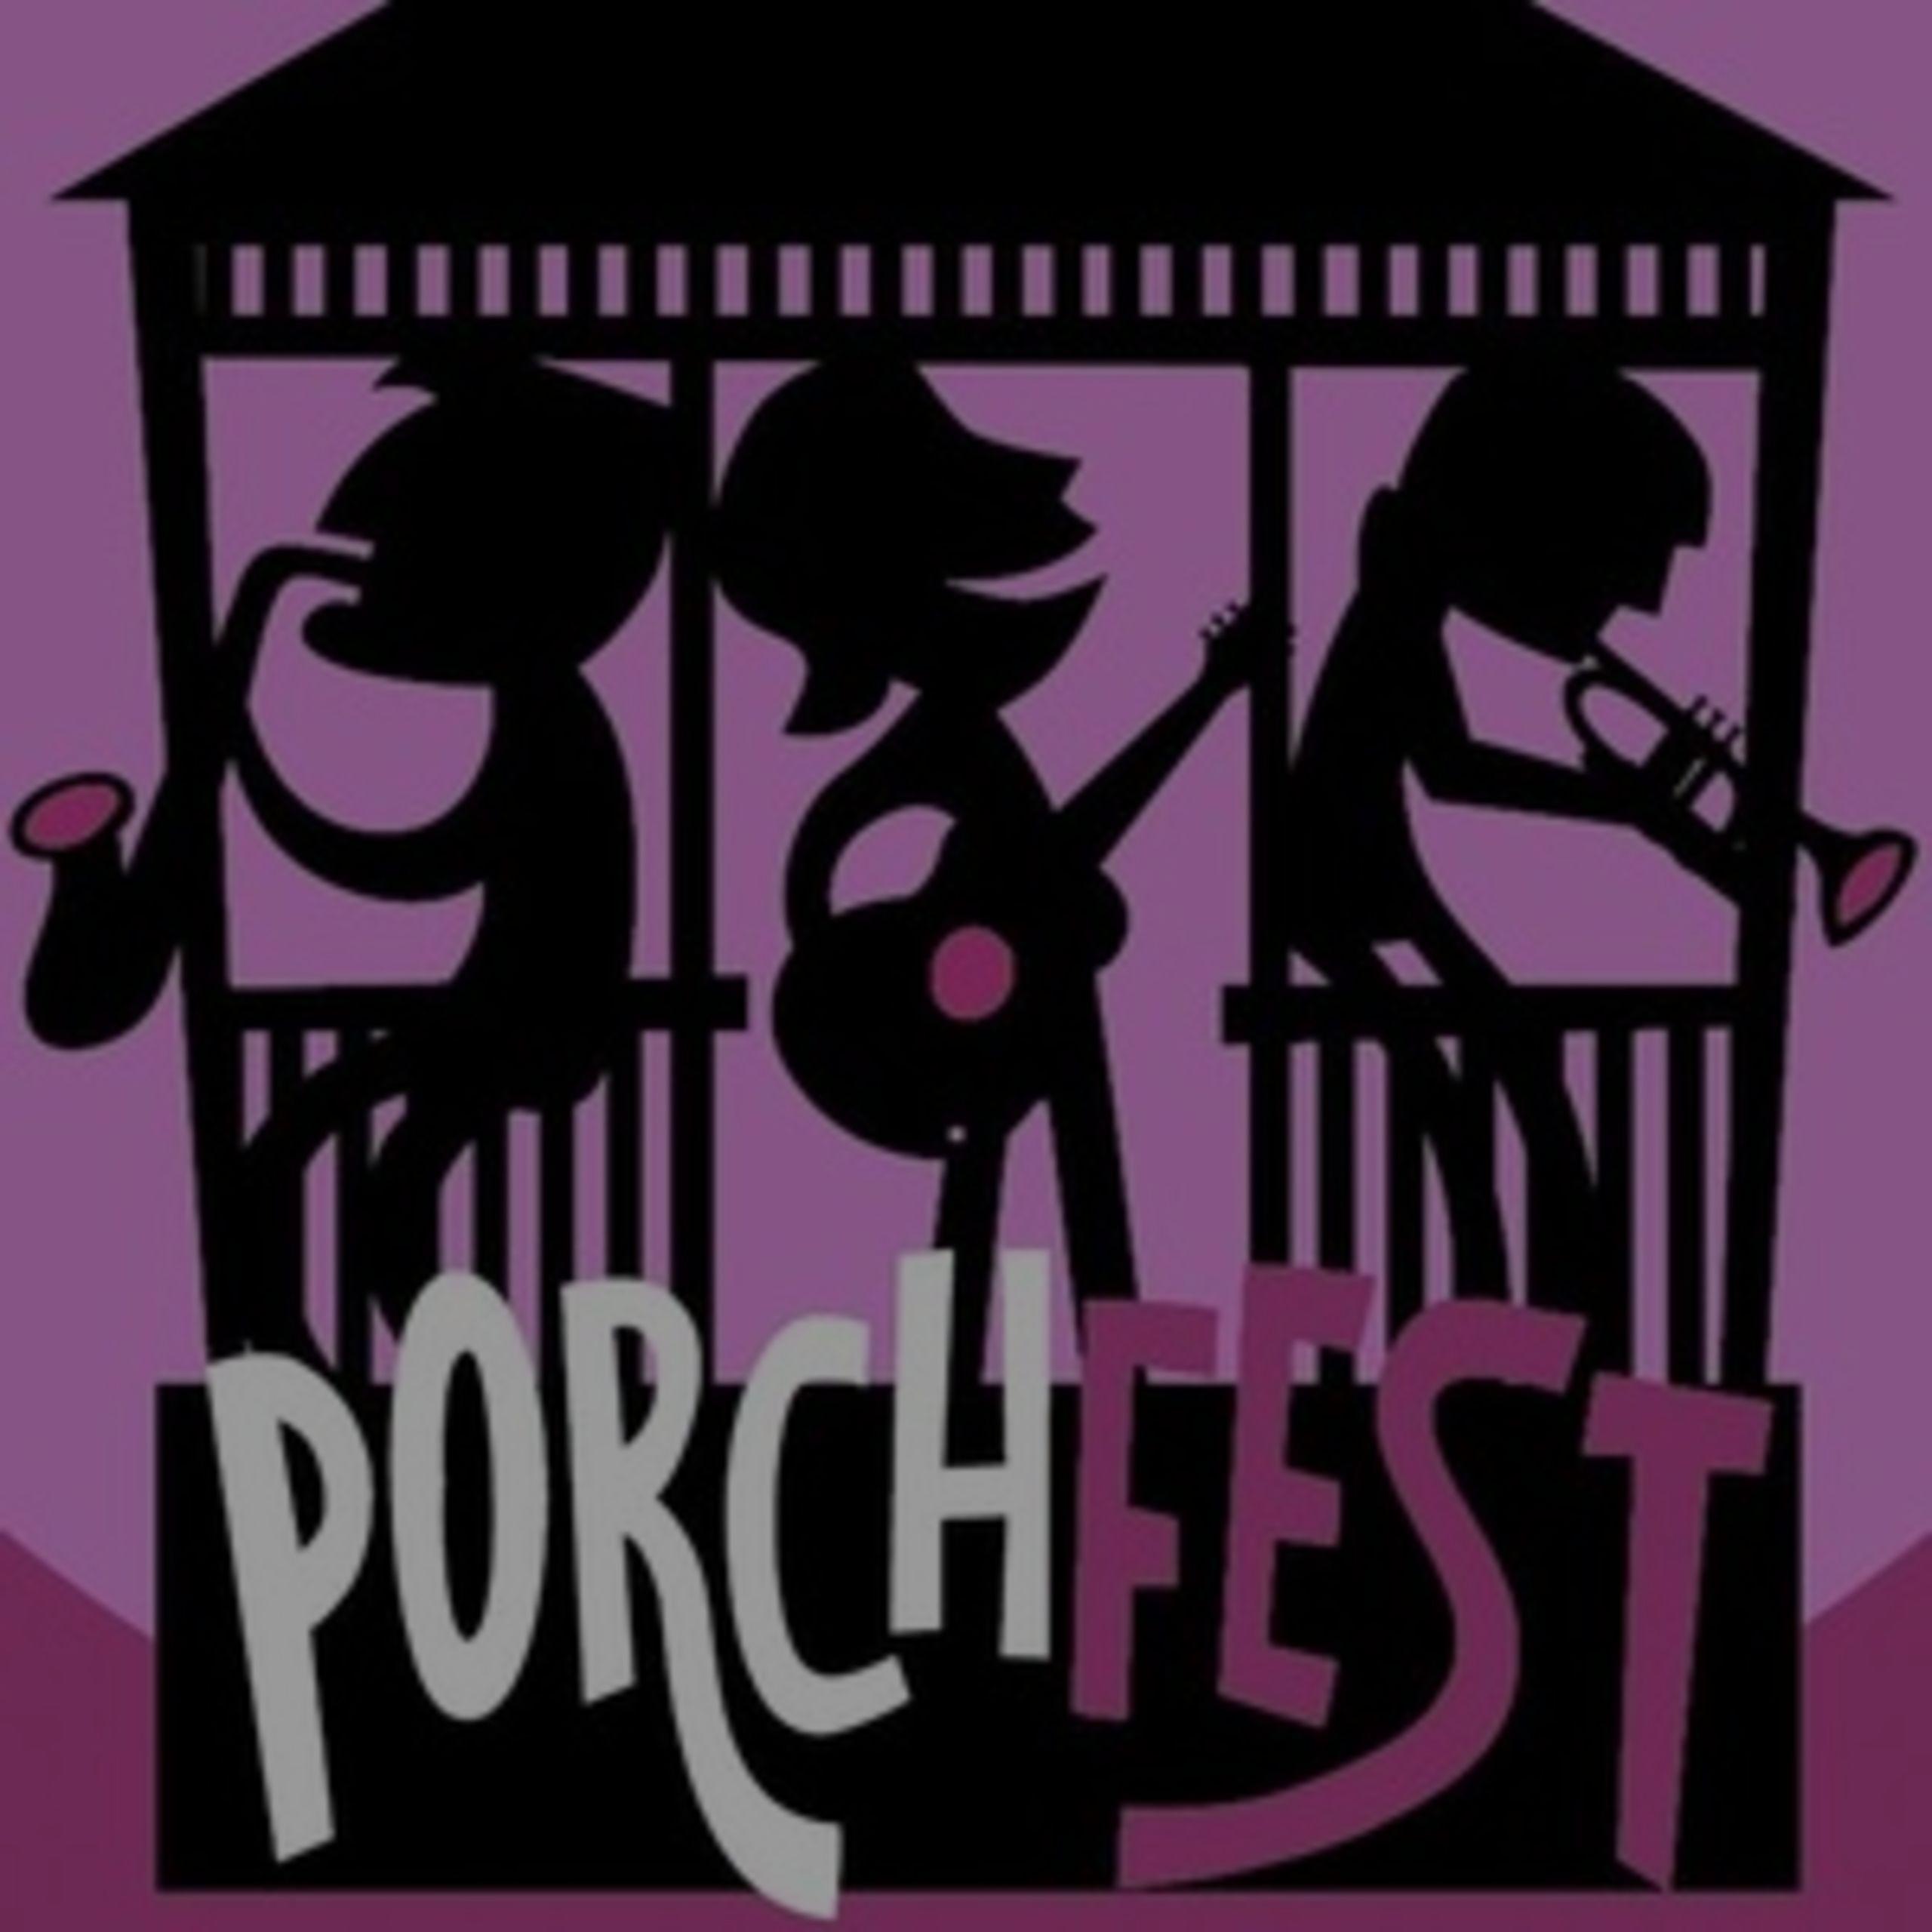 Somerville Porchfest Rescheduled this Weekend